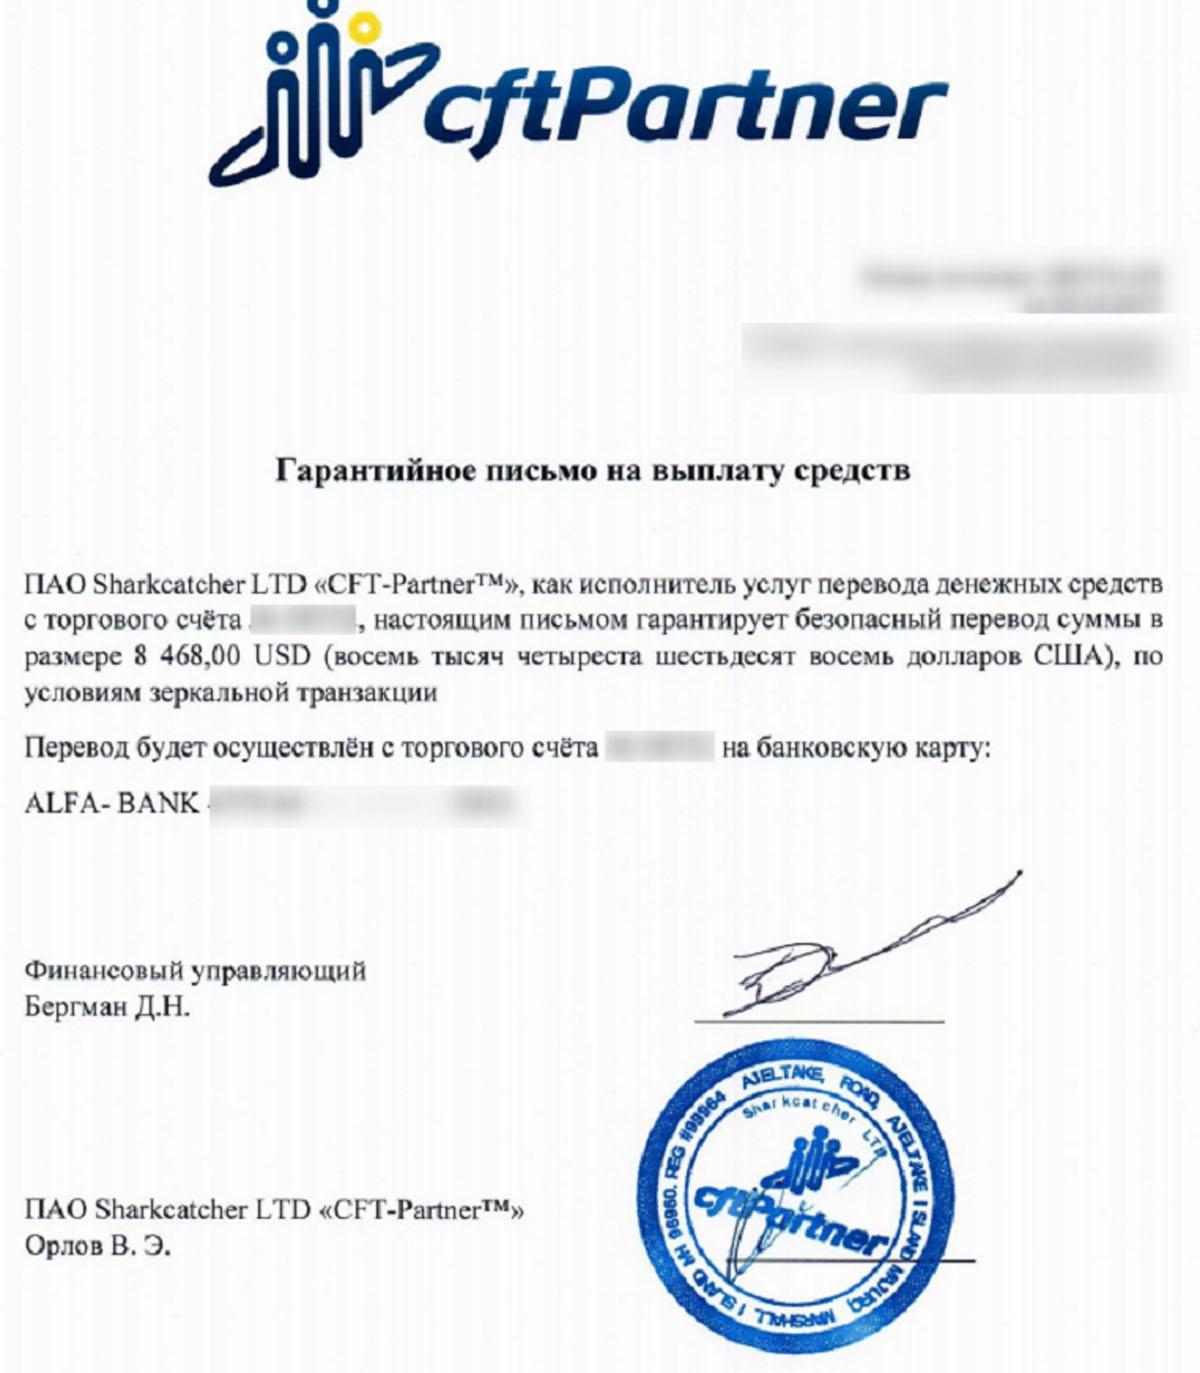 cftpartner.com гарантии выплат